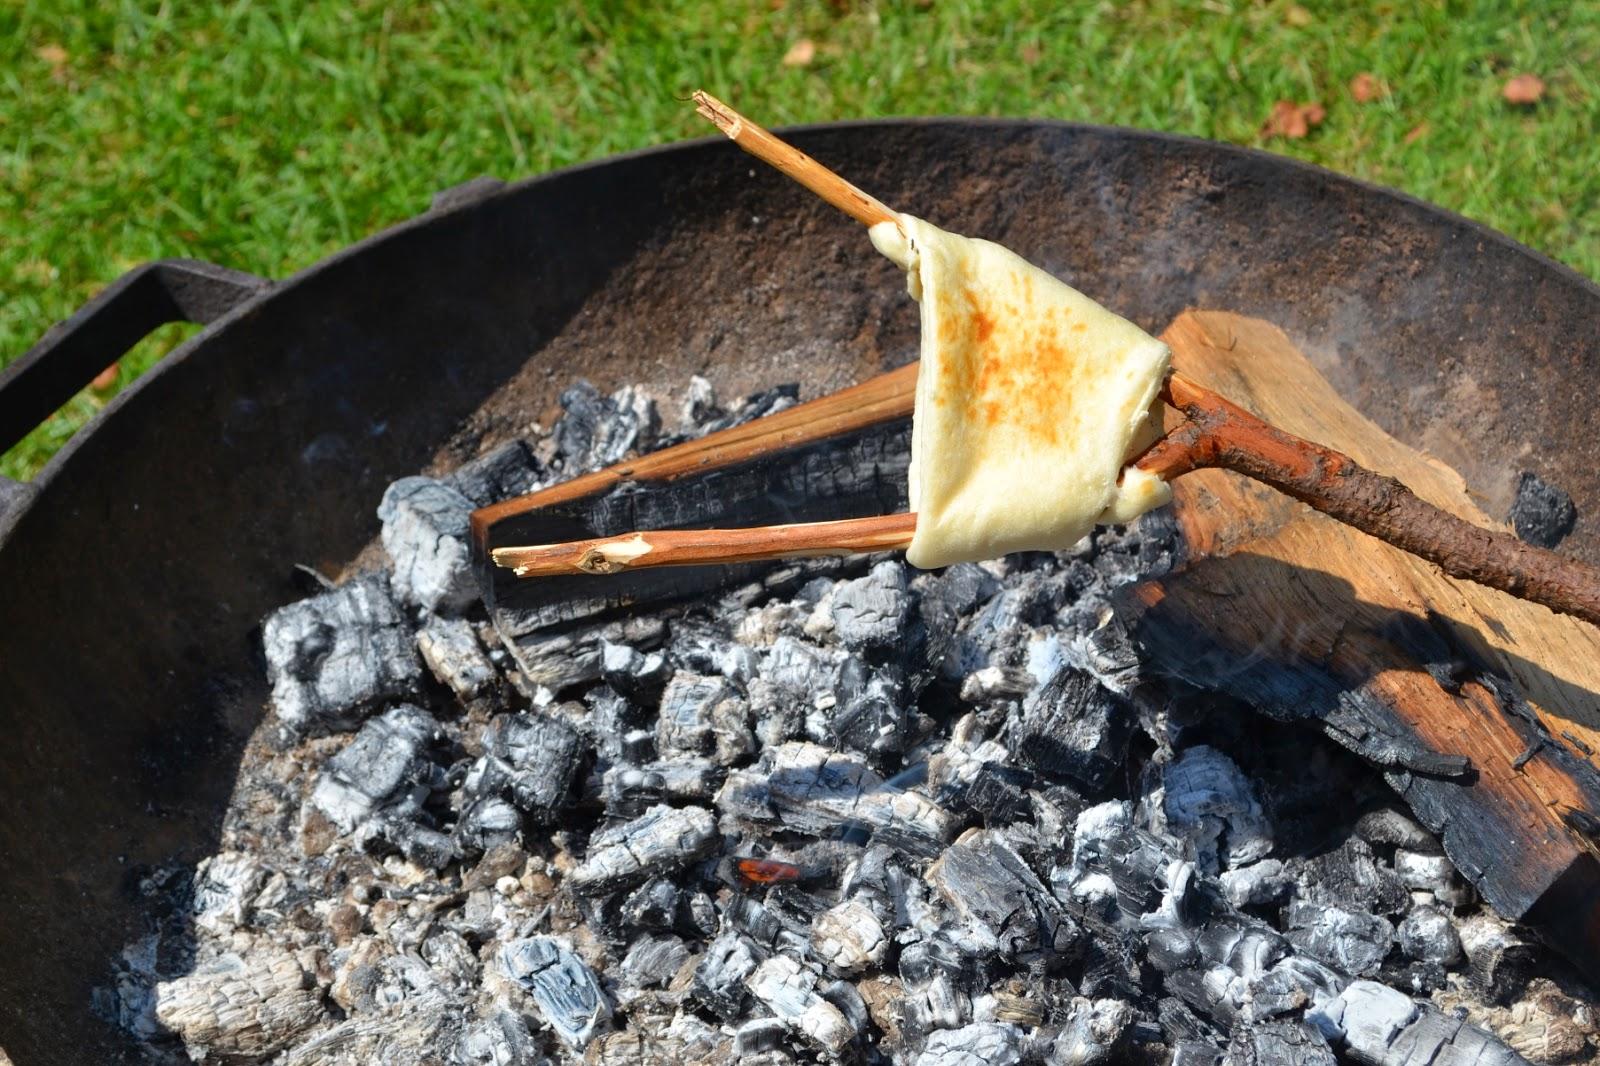 Vorkstok met al iets gebakken croissantdeeg boven een bak hete houtskool